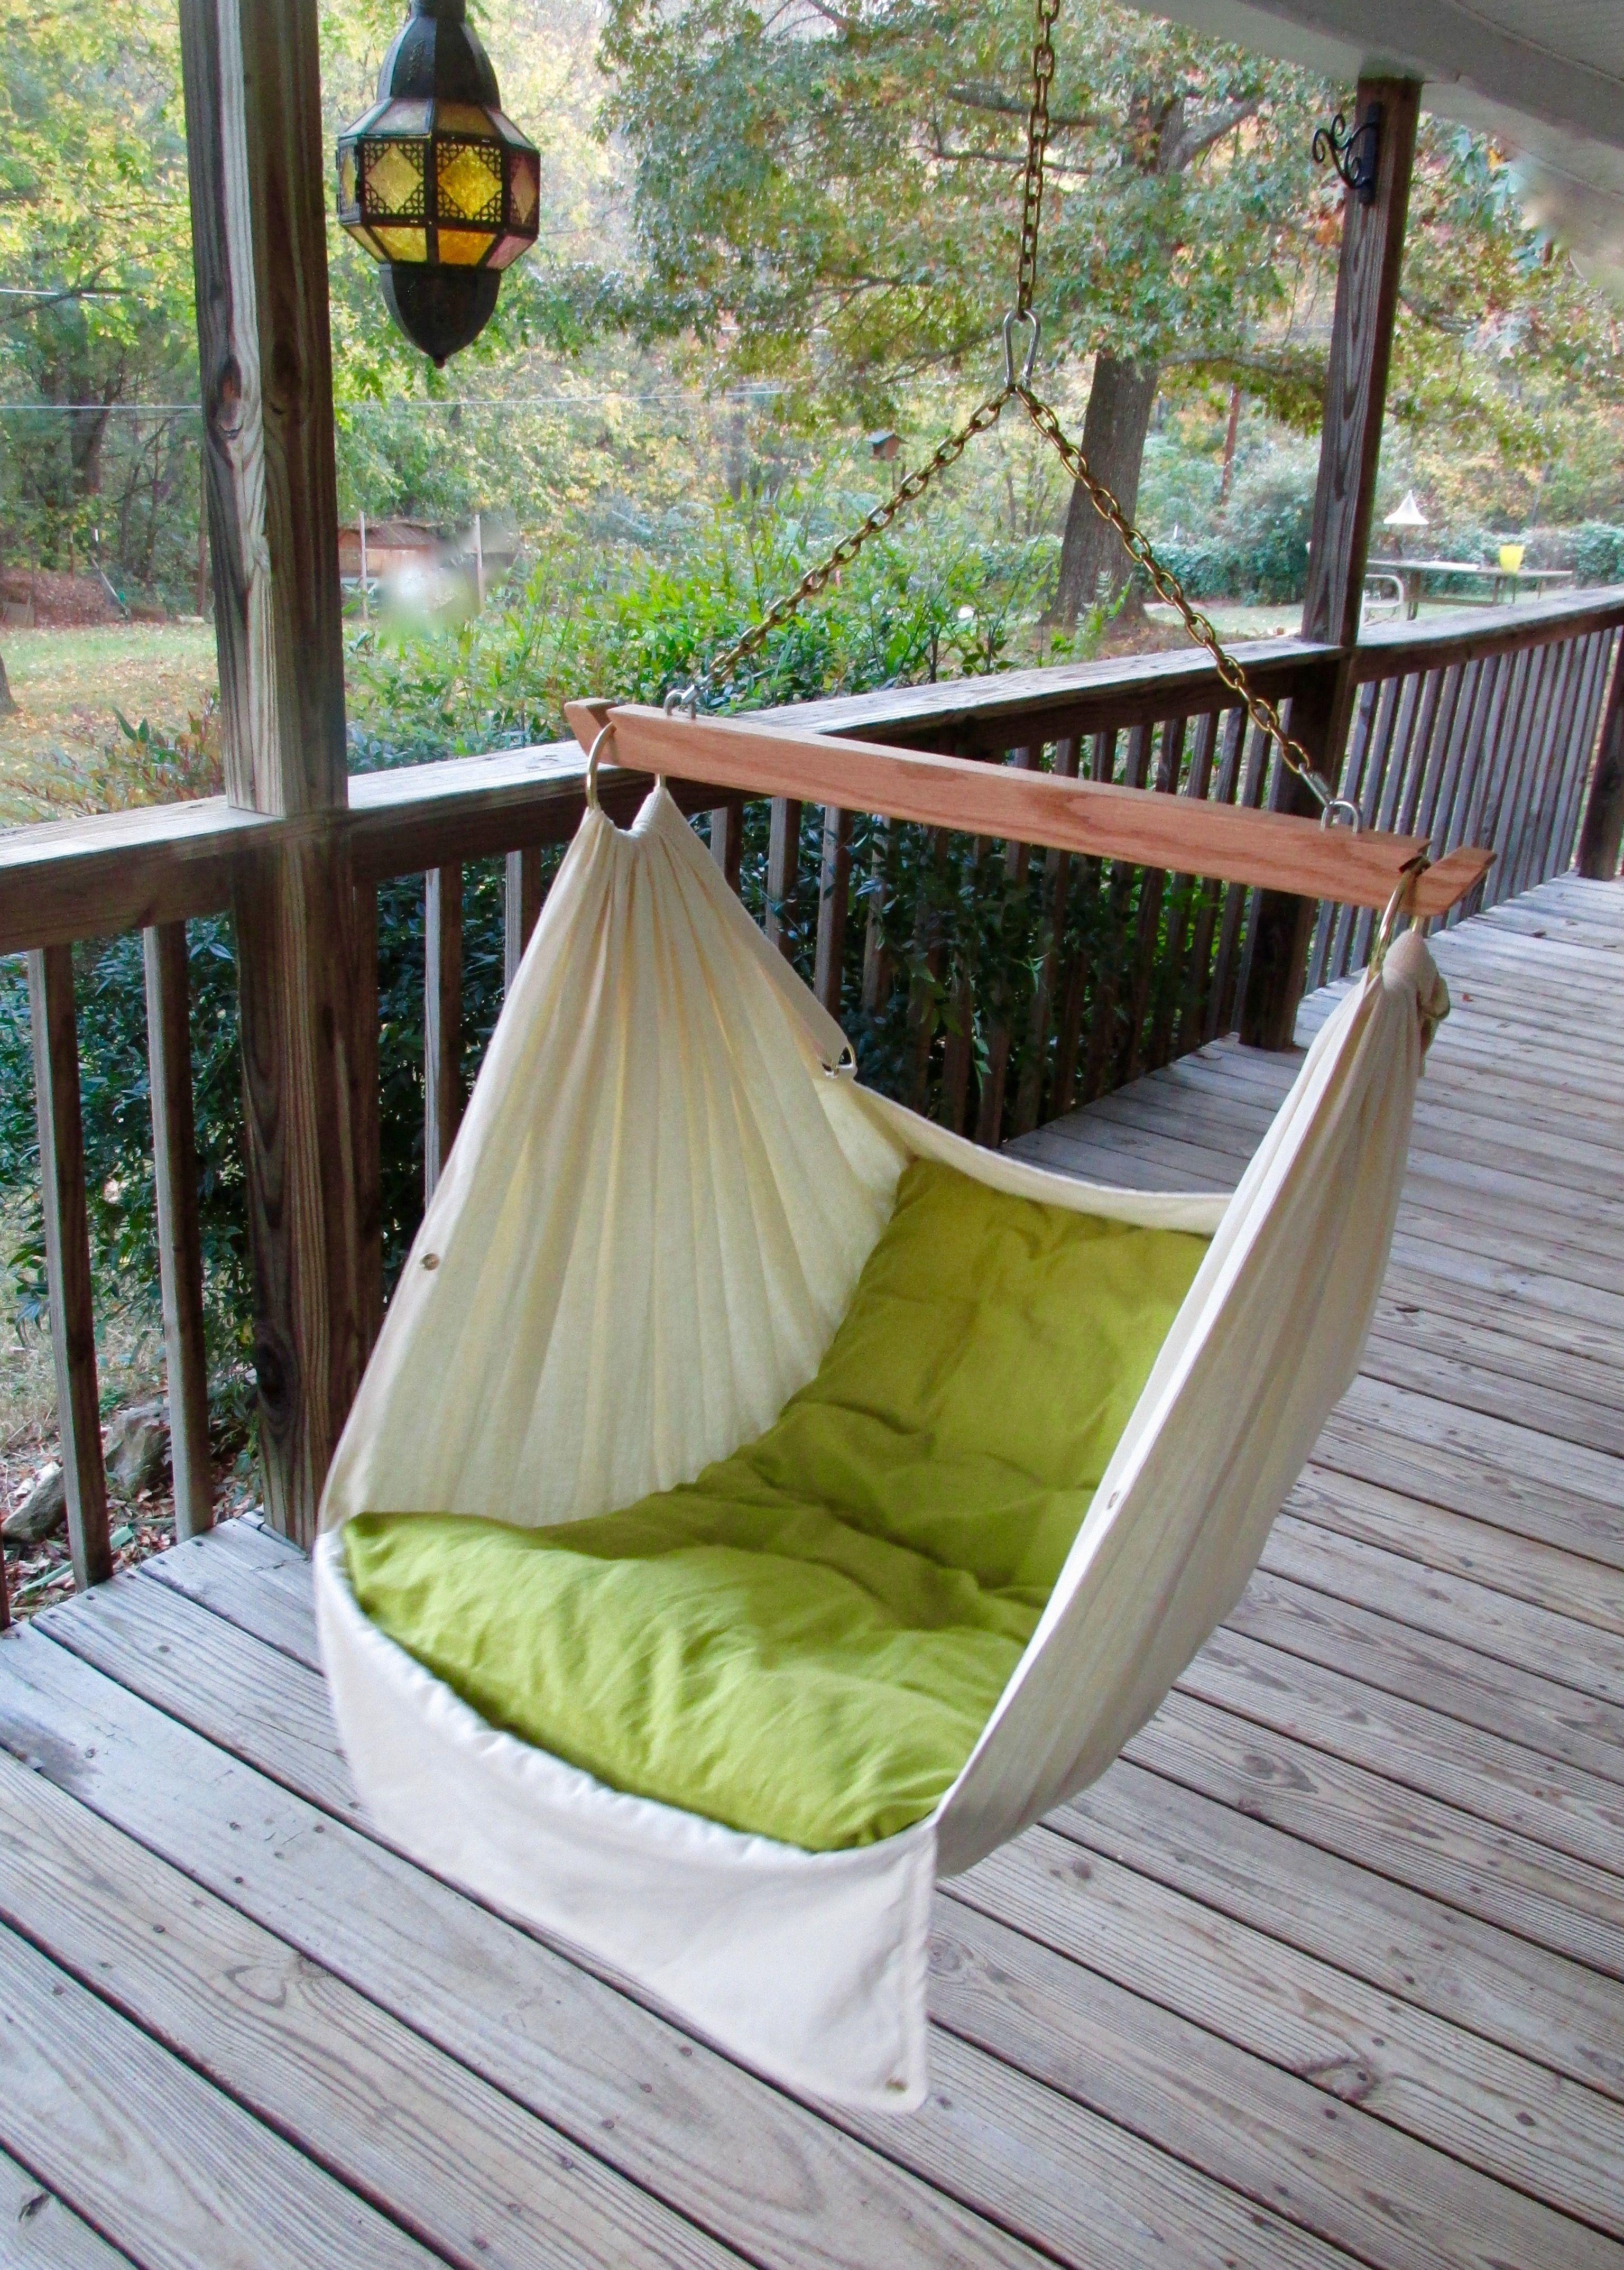 Full moon hammock u years lunalay full moon hammock is the